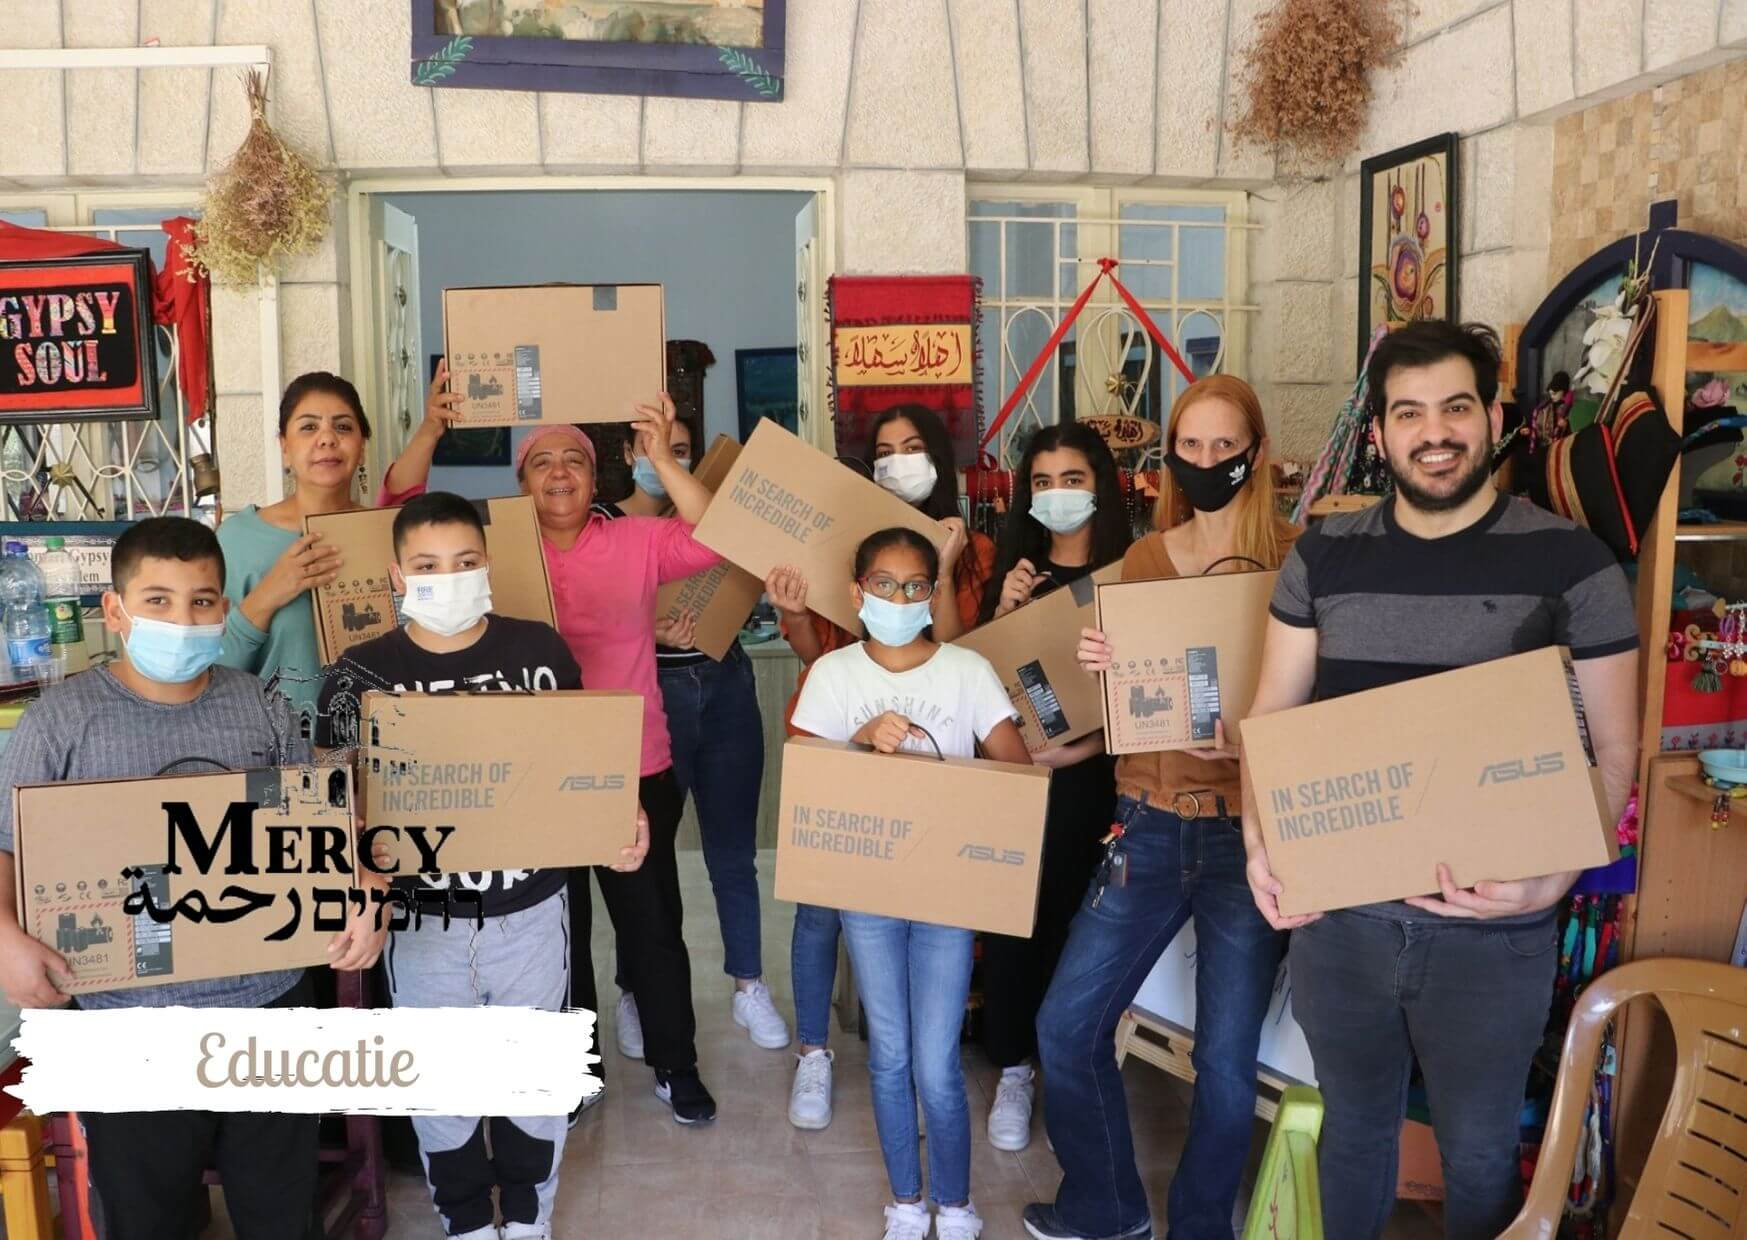 Mensen geholpen door mercy fonds Jeruzalem